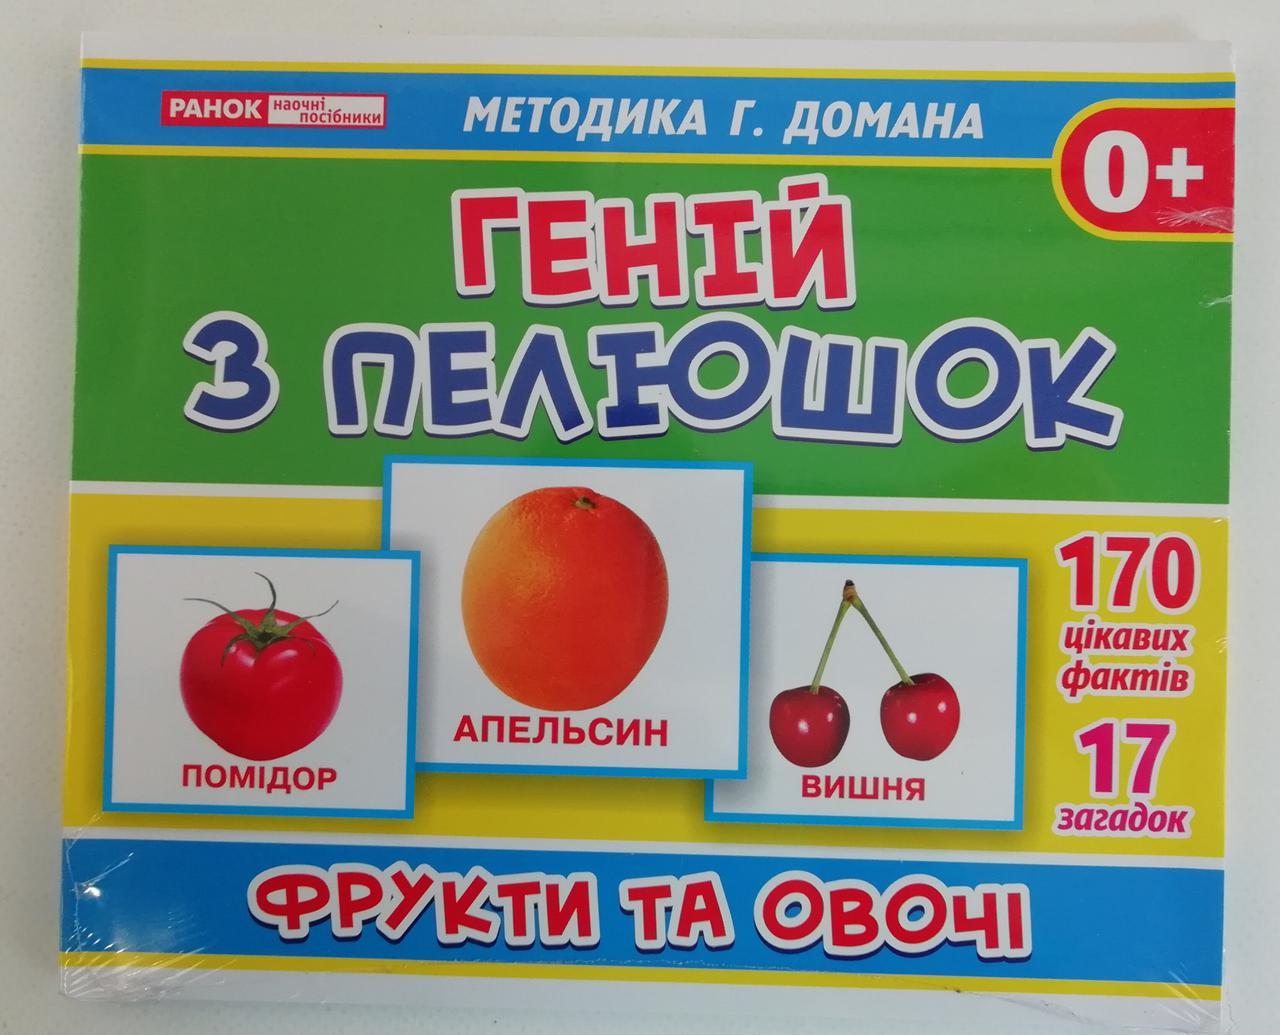 """Развивающие карточки: Геній з пелюшок """"Фрукти та овочі"""" 13107046У/1017-2 Ранок Украина"""